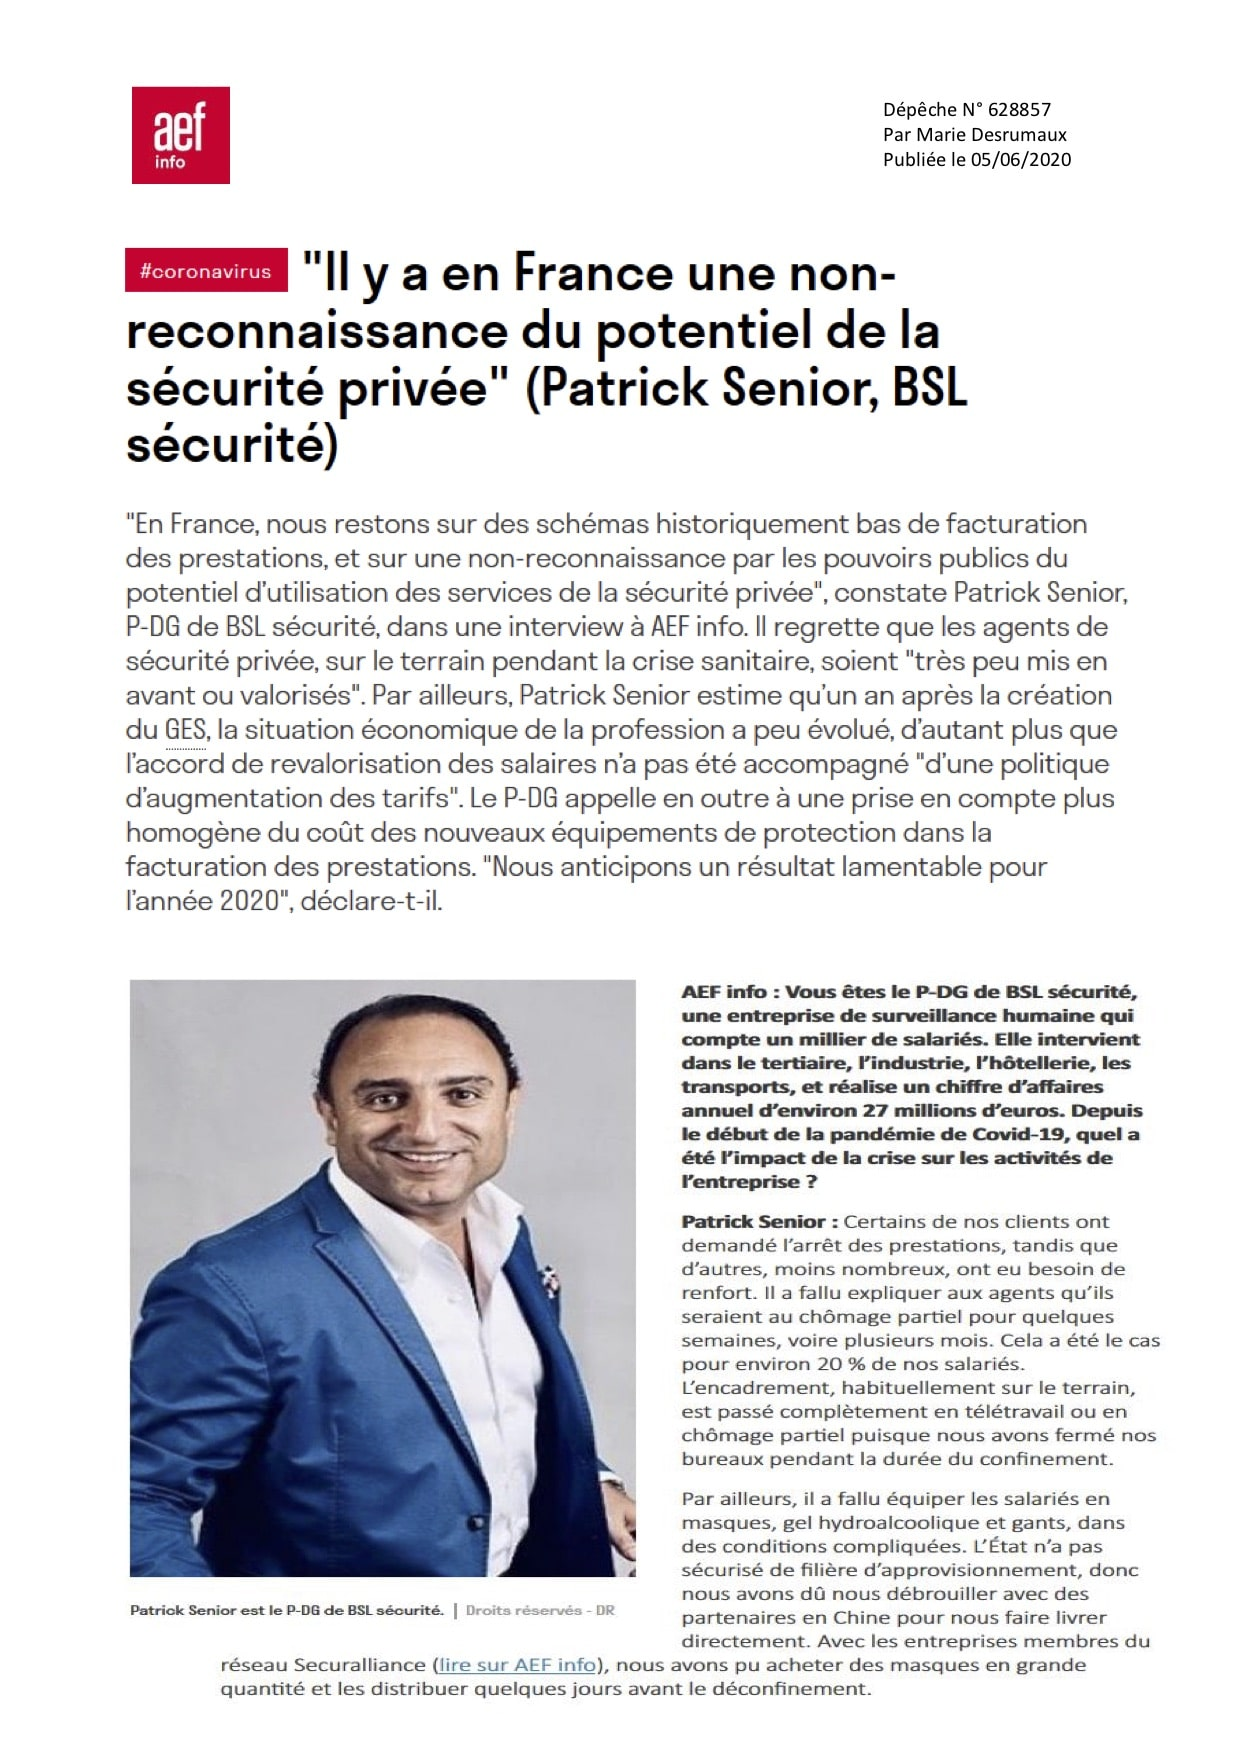 Dépéche AEF Sécurité Globale N° 628857 rédigée par Marie Desrumaux Il y a en France une non-reconnaissance du potentiel de la sécurité privée Patrick Senior BSL sécurité